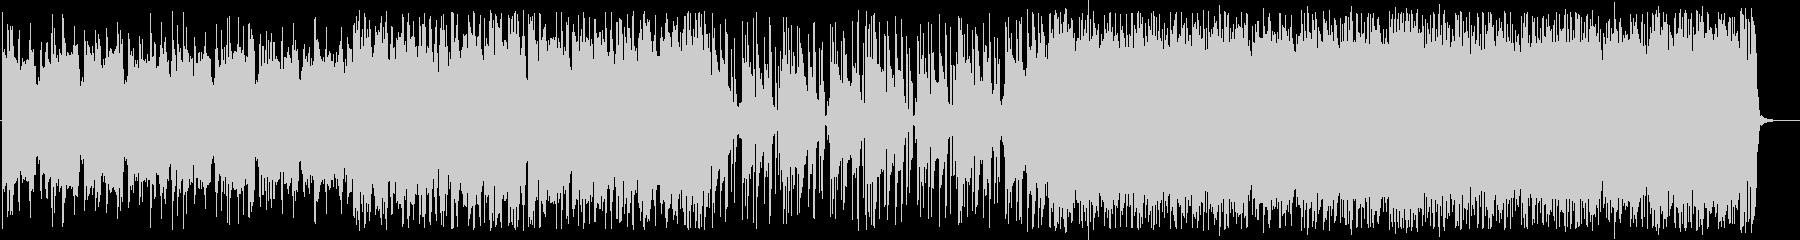 疾走感/エレクトロロック_No471_2の未再生の波形